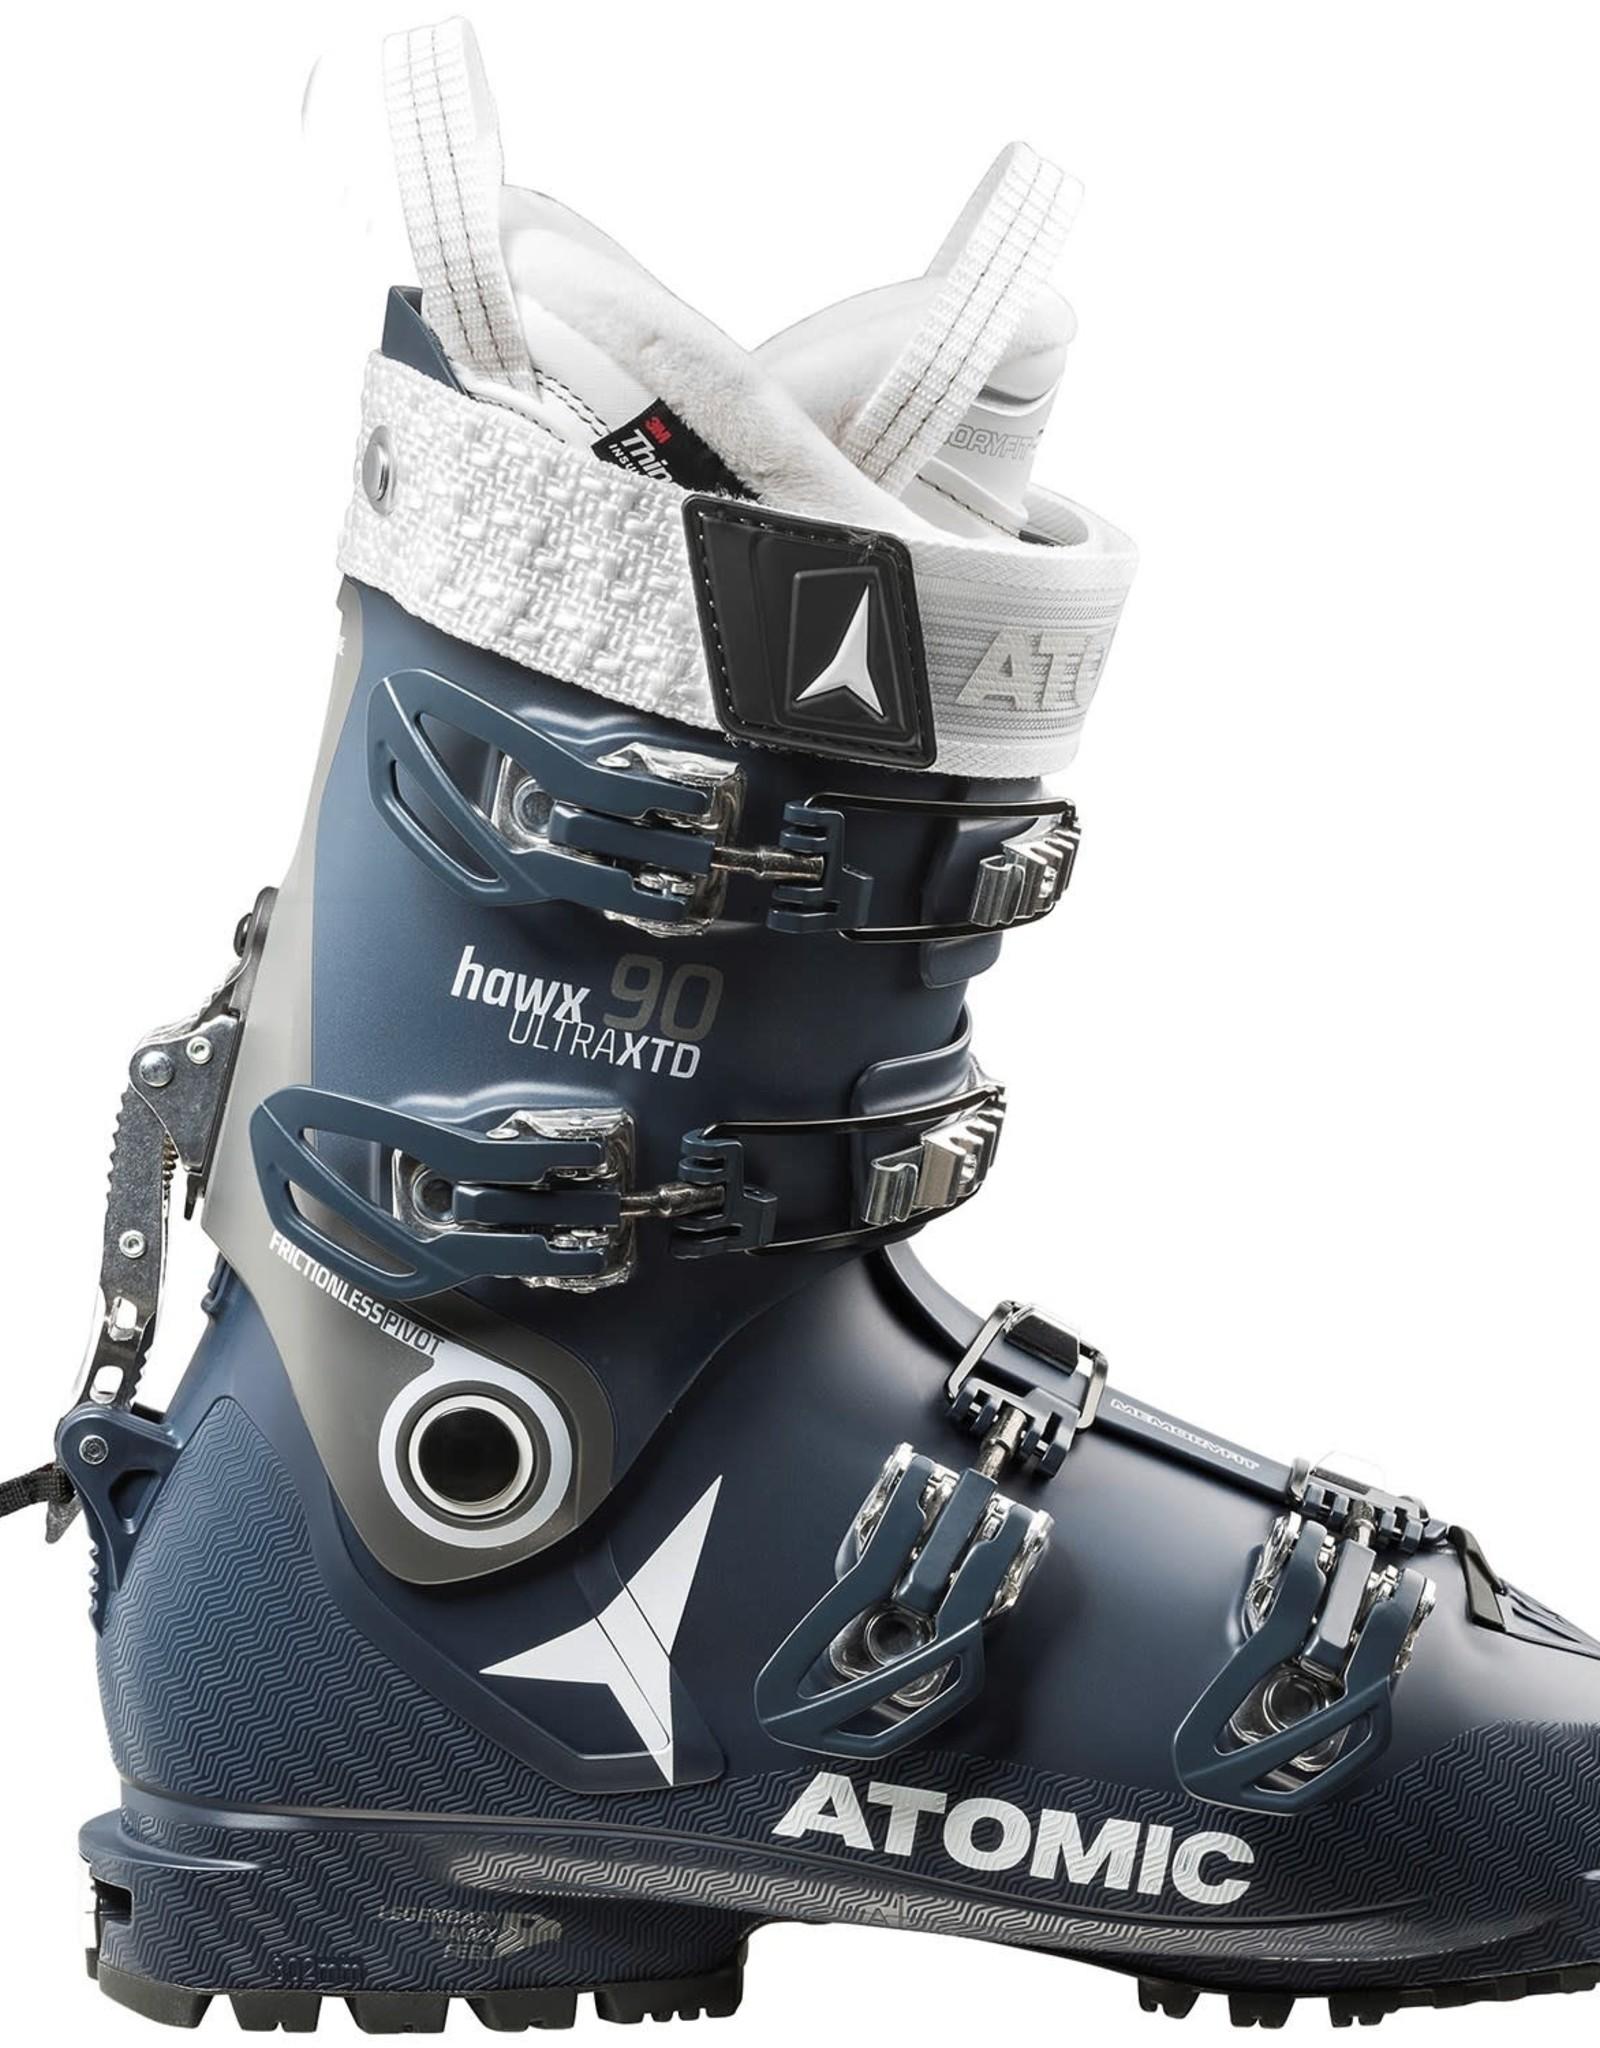 ATOMIC ATOMIC Ski Boots HAWX ULTRA XTD 90 W (17/18)